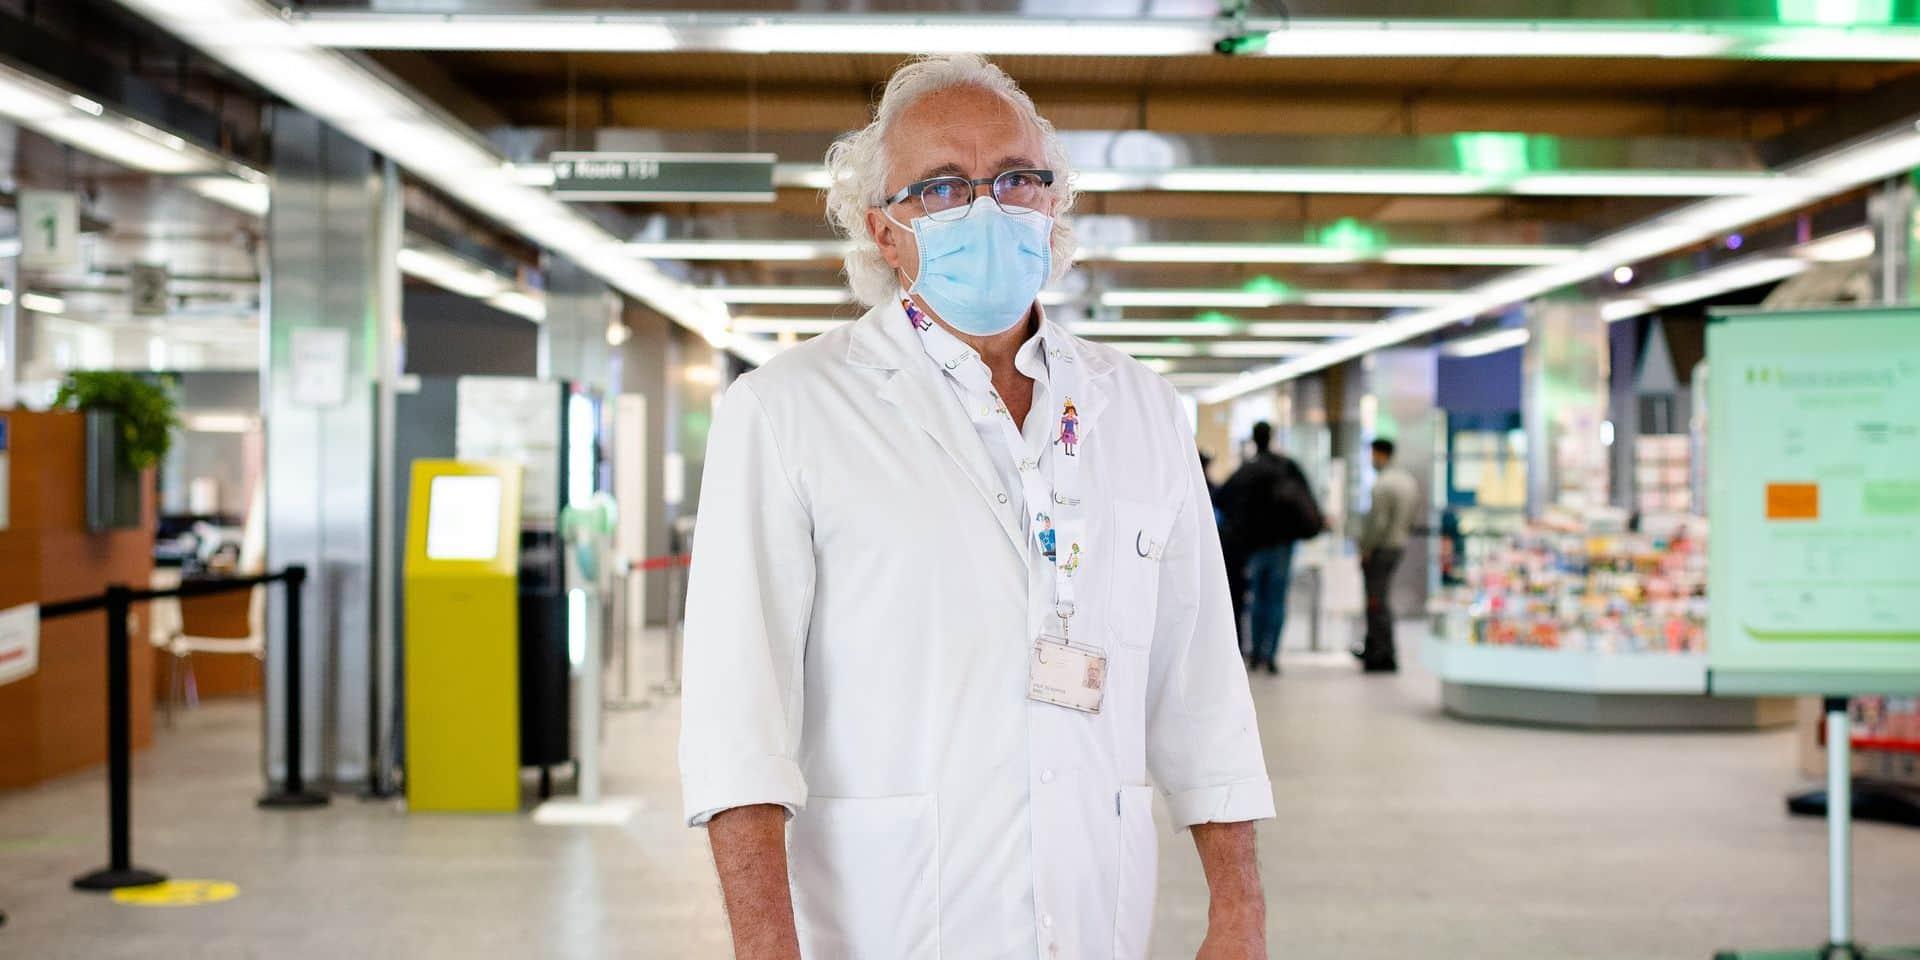 """""""J'ai compris qu'on allait avoir des problèmes et qu'il fallait se débrouiller"""", les hôpitaux bruxellois livrent leur version de la crise sanitaire"""